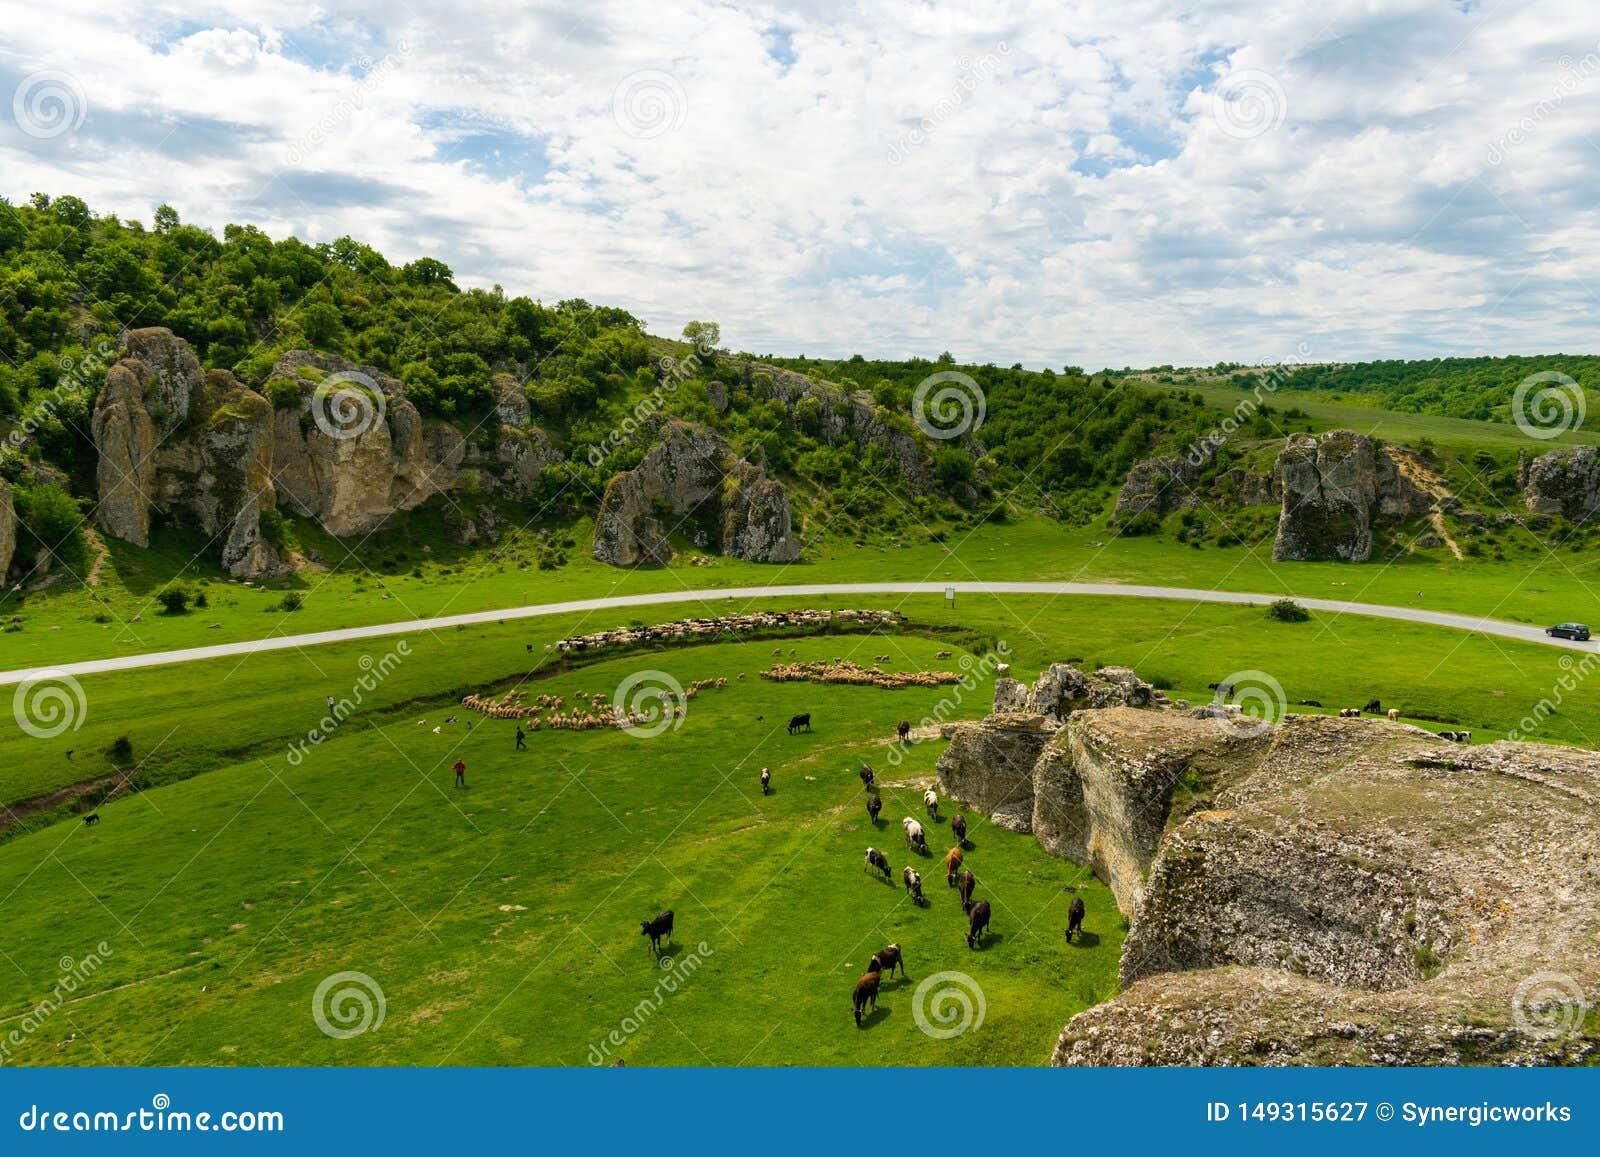 Αγελάδα και αίγες που βόσκουν στην περιοχή φαραγγιών Dobrogea, Ρουμανία